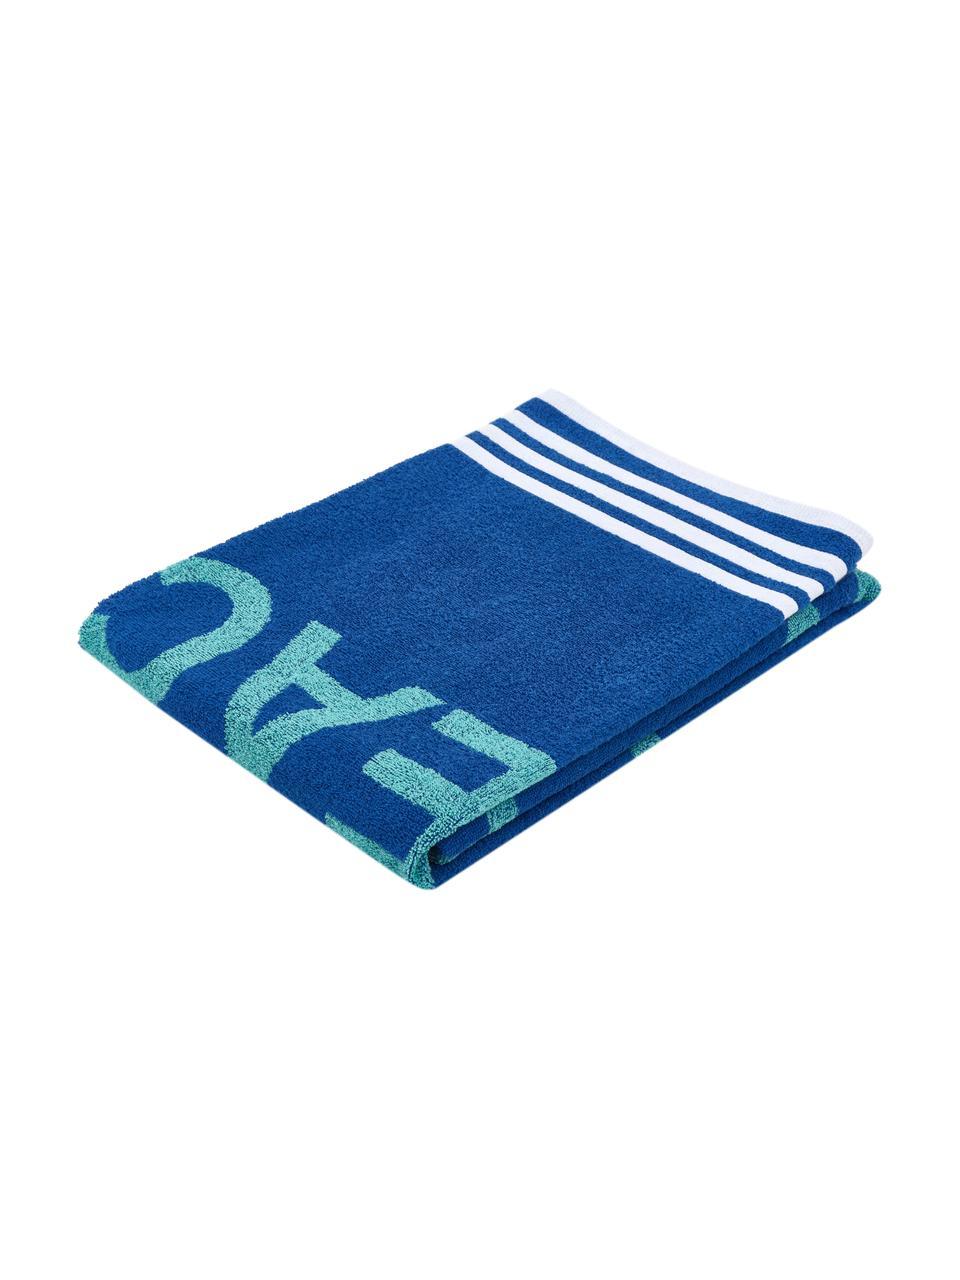 Strandtuch Cool, 100% Baumwolle, Blautöne, 90 x 160 cm